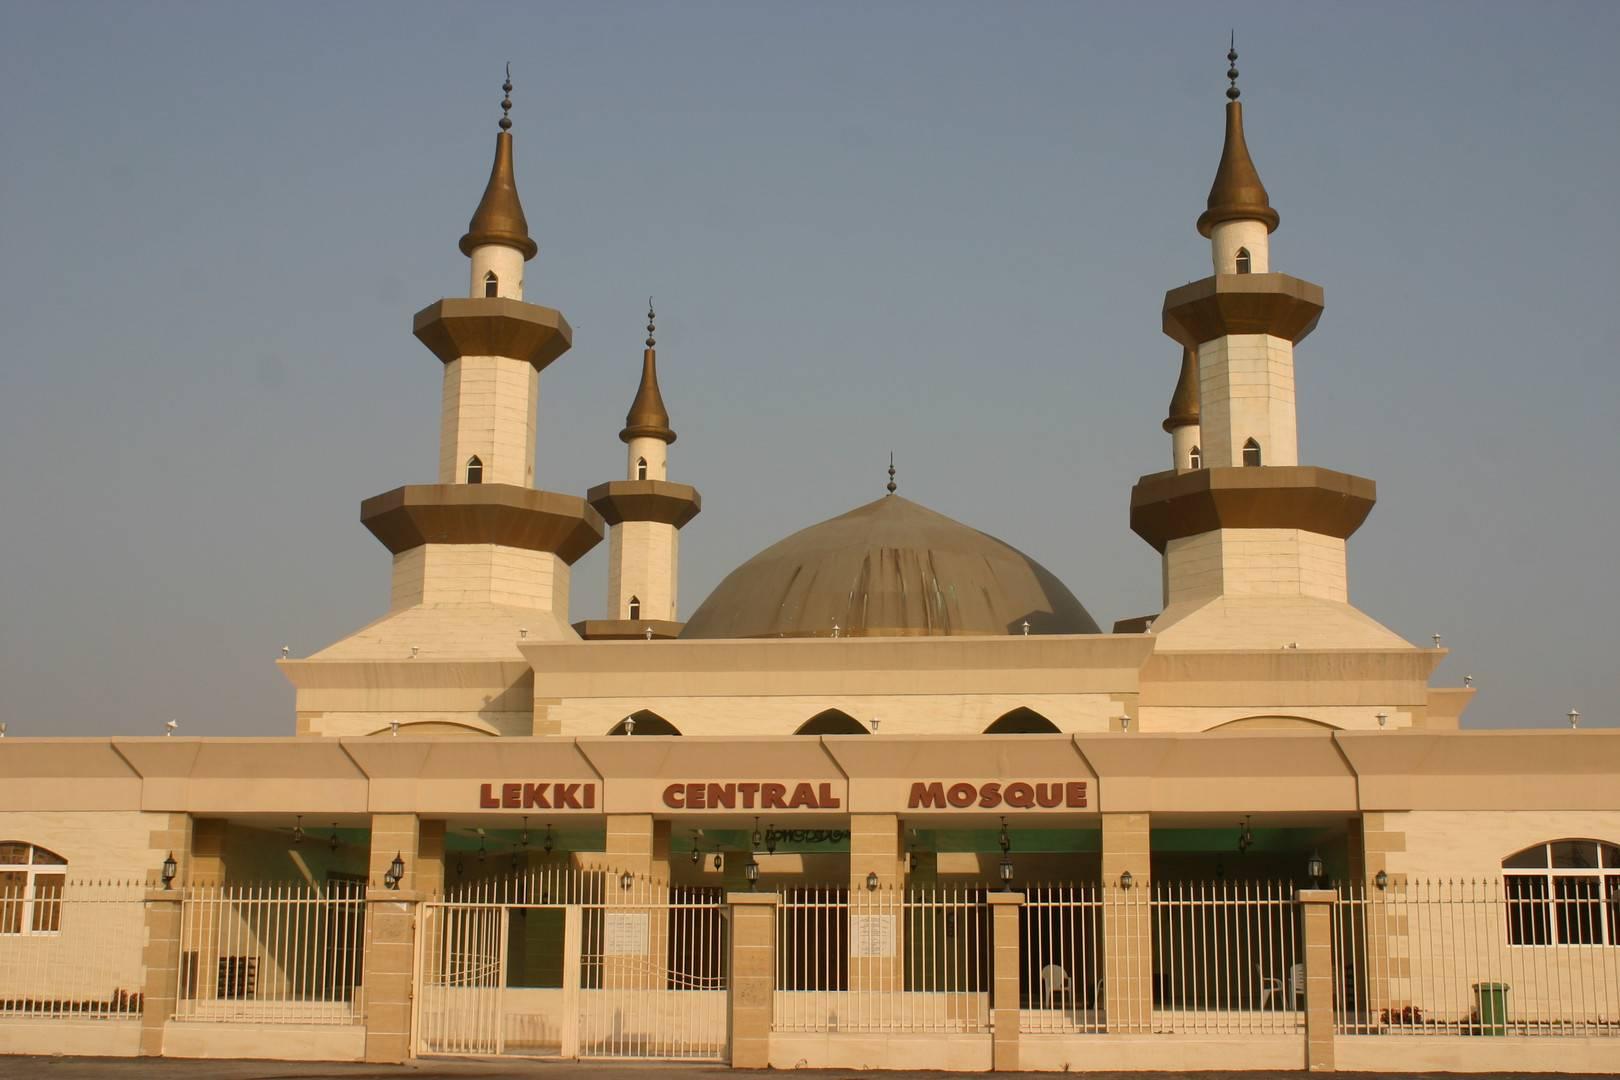 Lekki Central Mosque